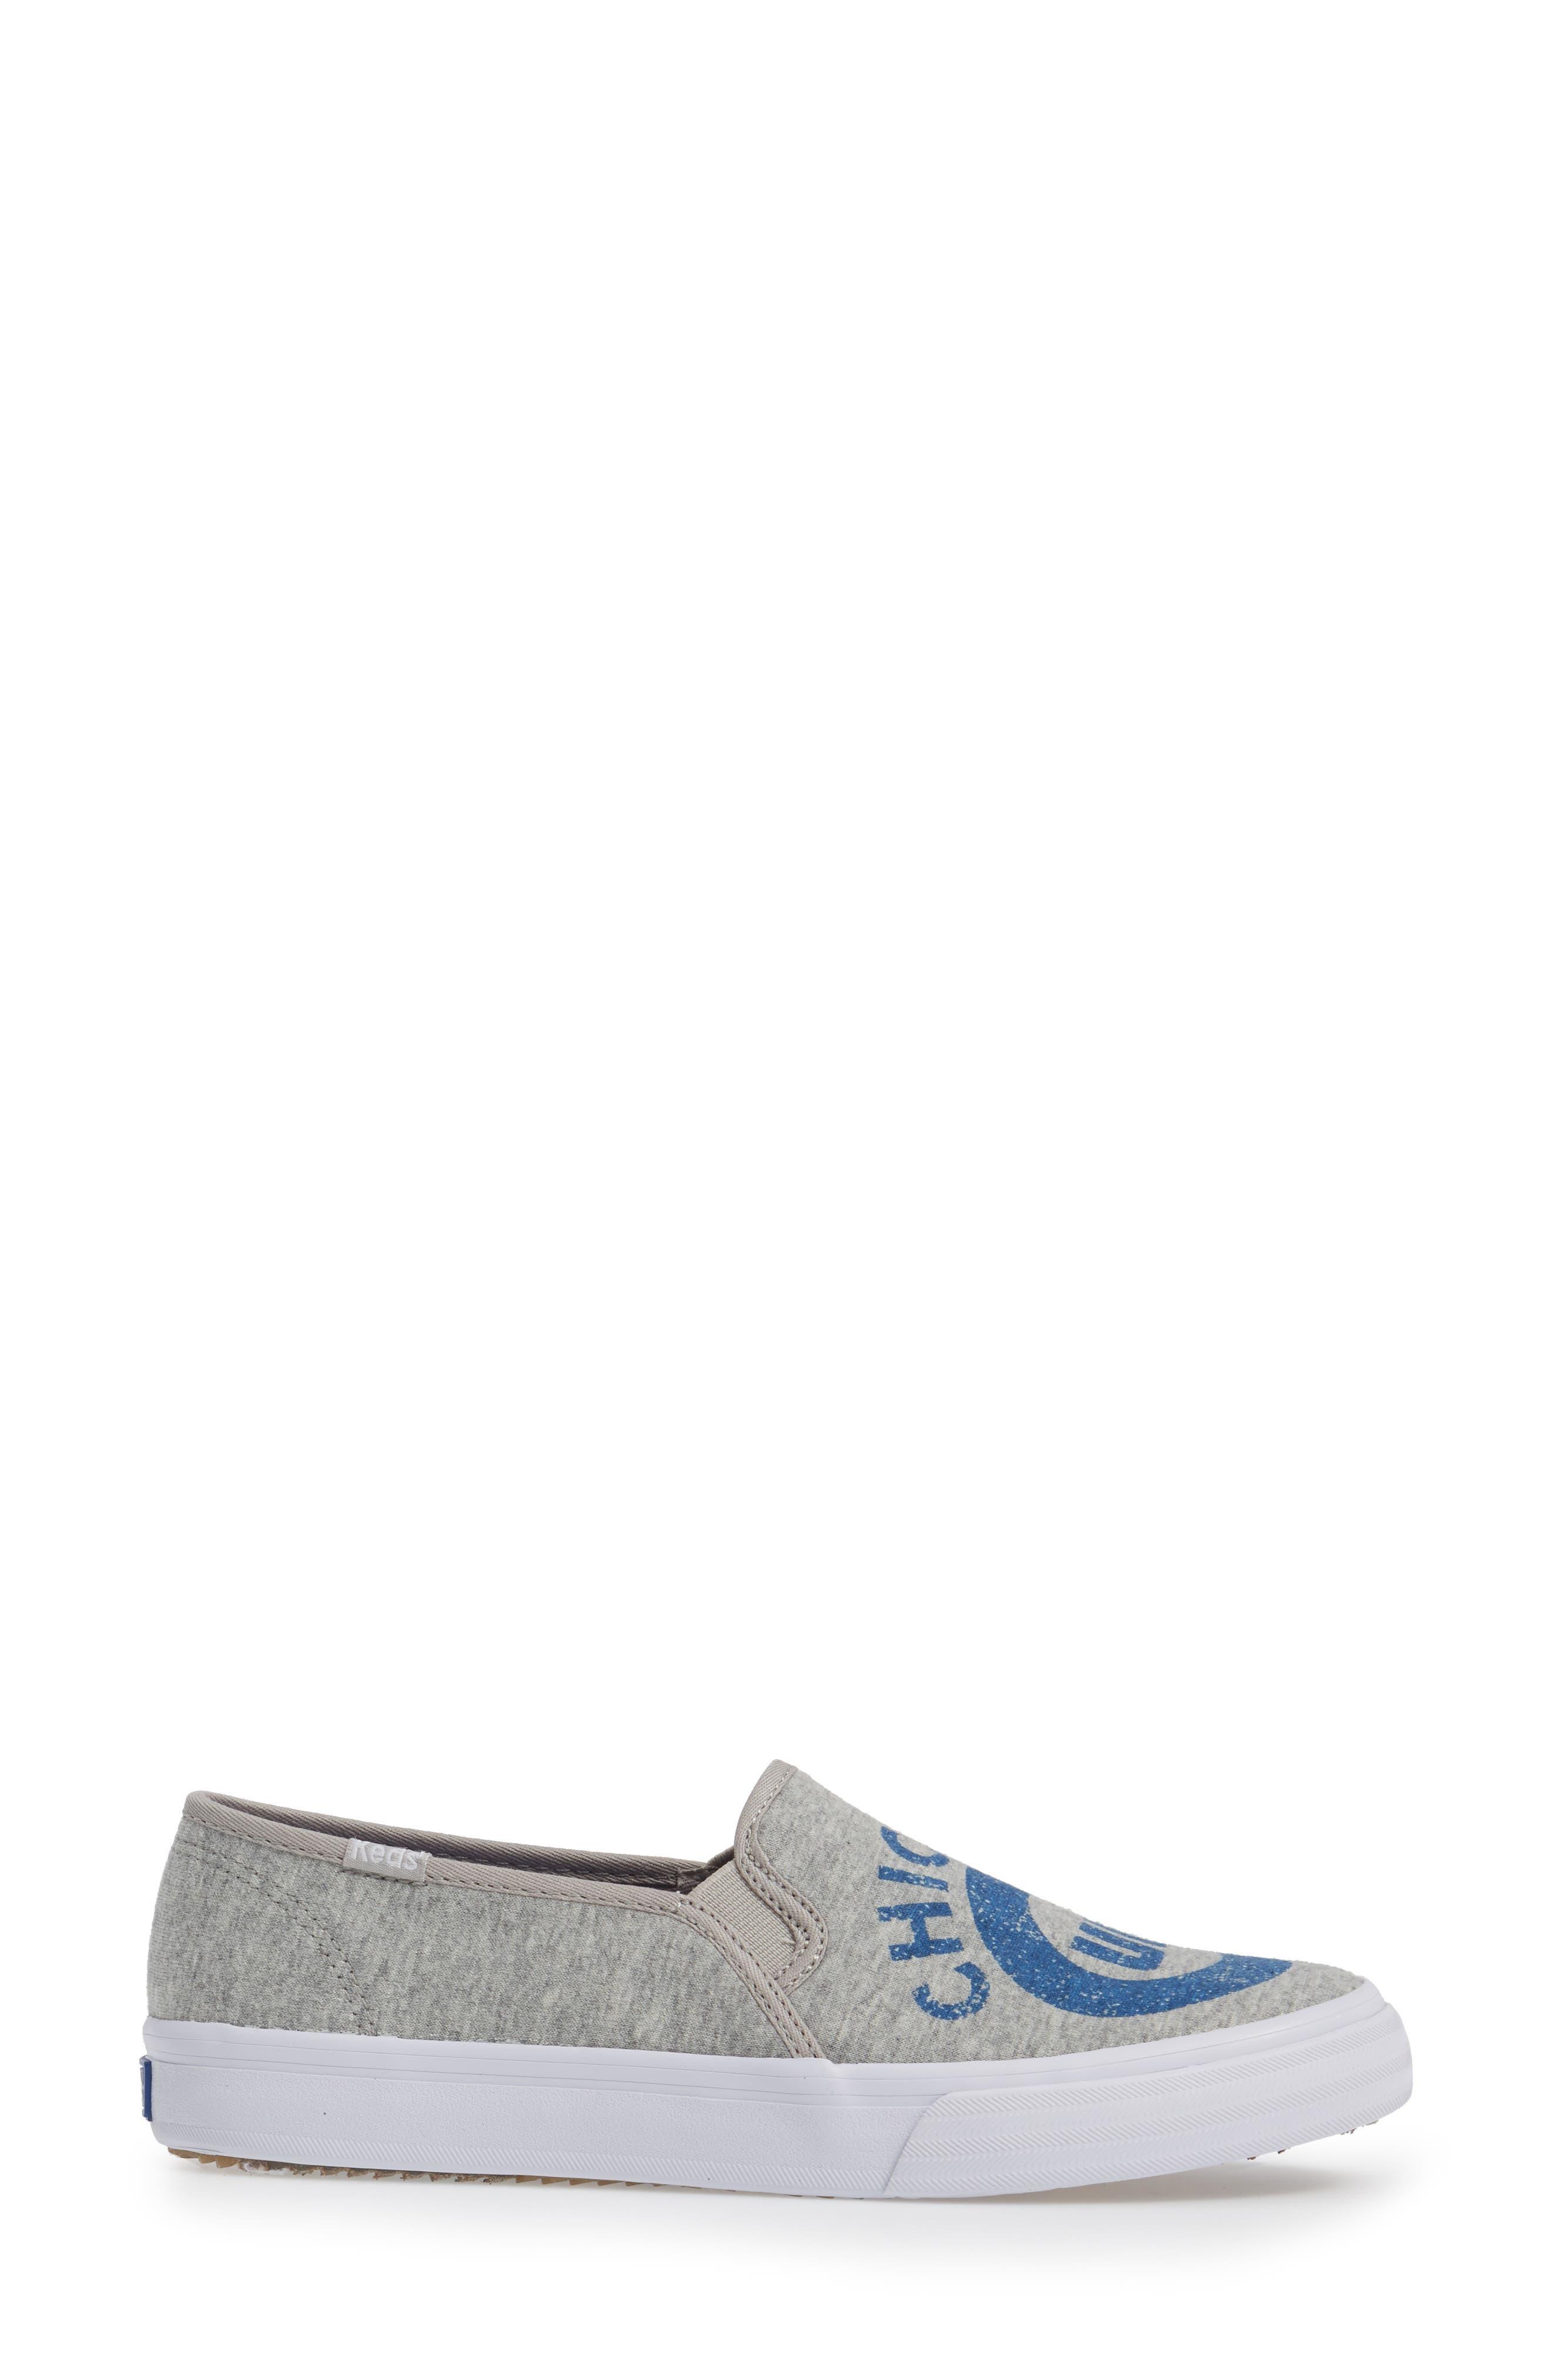 Double Decker Baseball Team Jersey Slip-On Sneaker,                             Alternate thumbnail 3, color,                             Light Grey